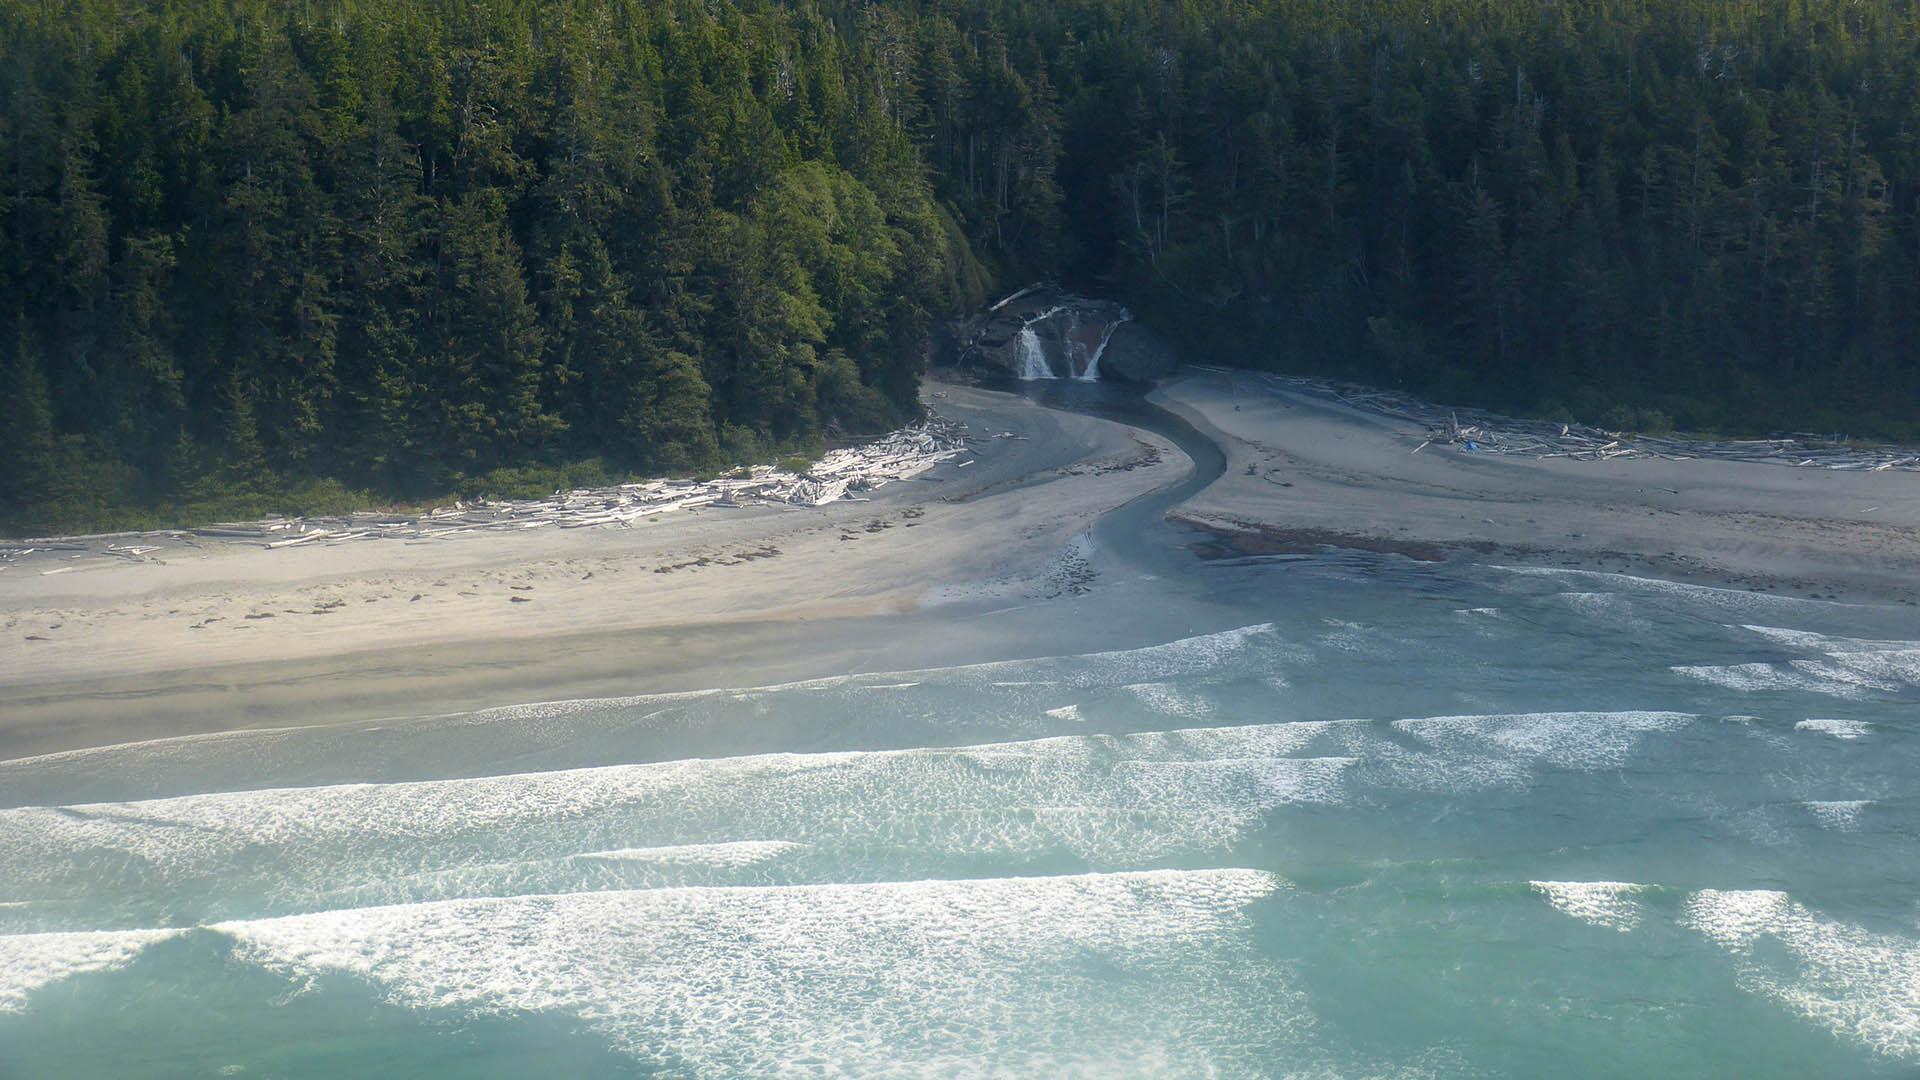 Nootka Island approach - Verena Jucker (2017)